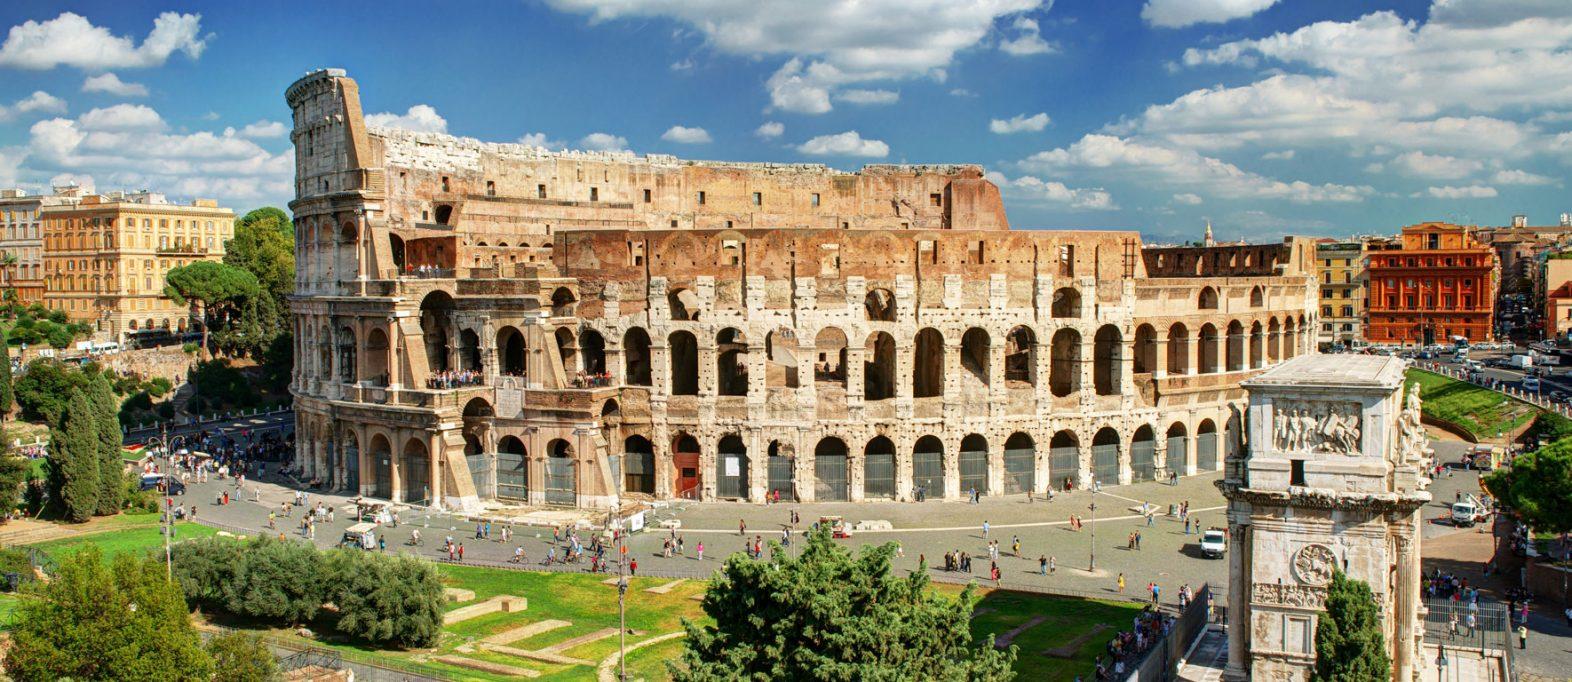 Reiseblog VIEL UNTERWEGS | Roadtrips, Städtereisen & Reisetipps